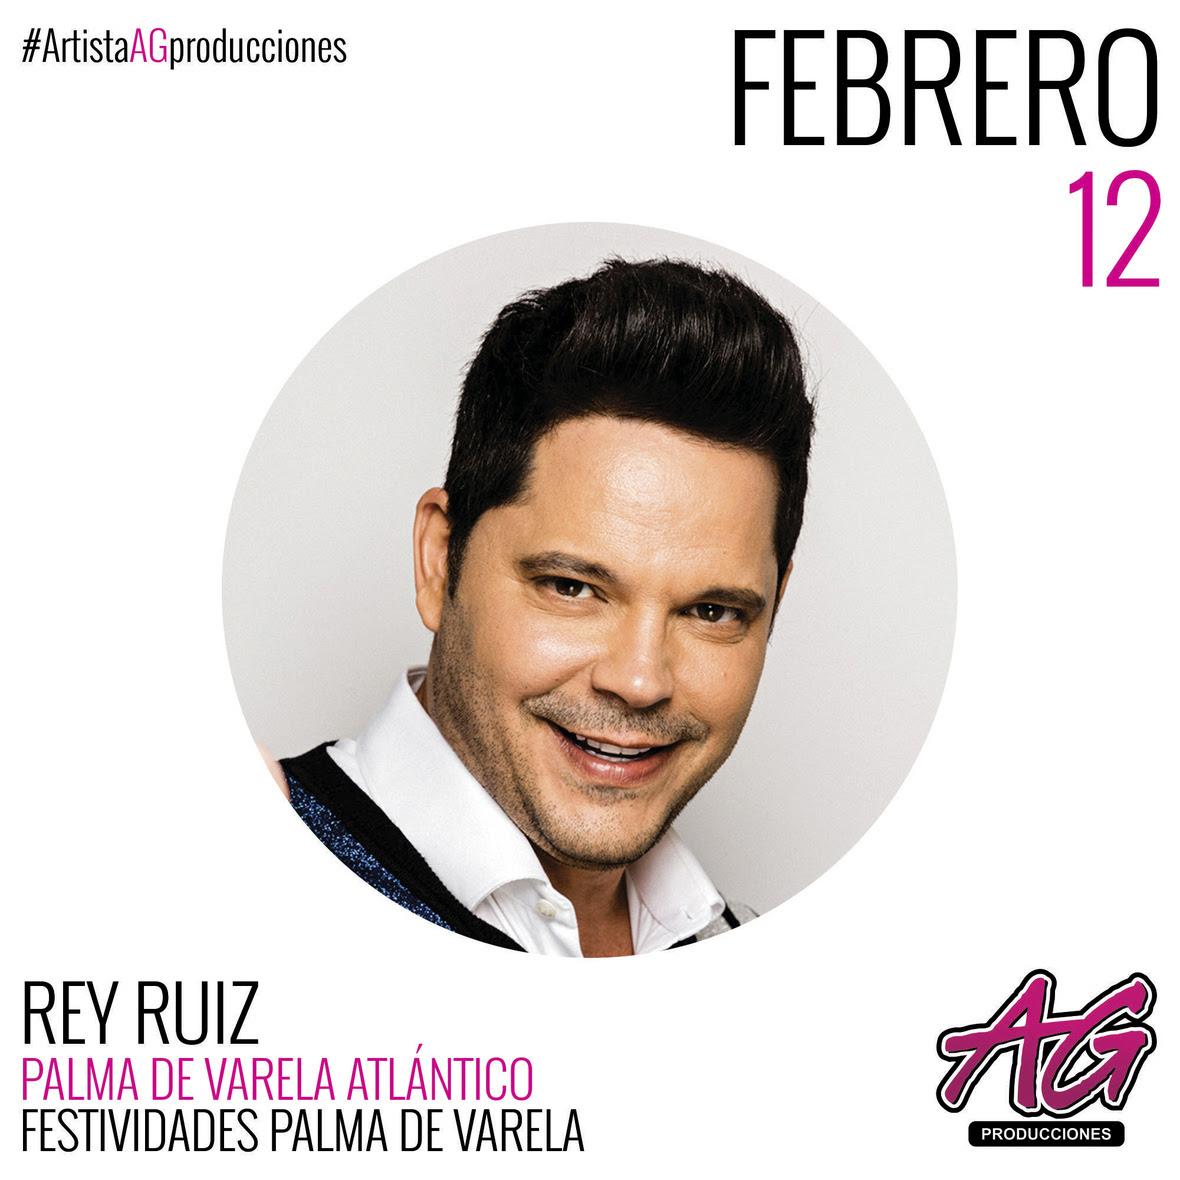 AG PRODUCCIONES - REY RUIZ FEB 12 PALMA DE VARELA